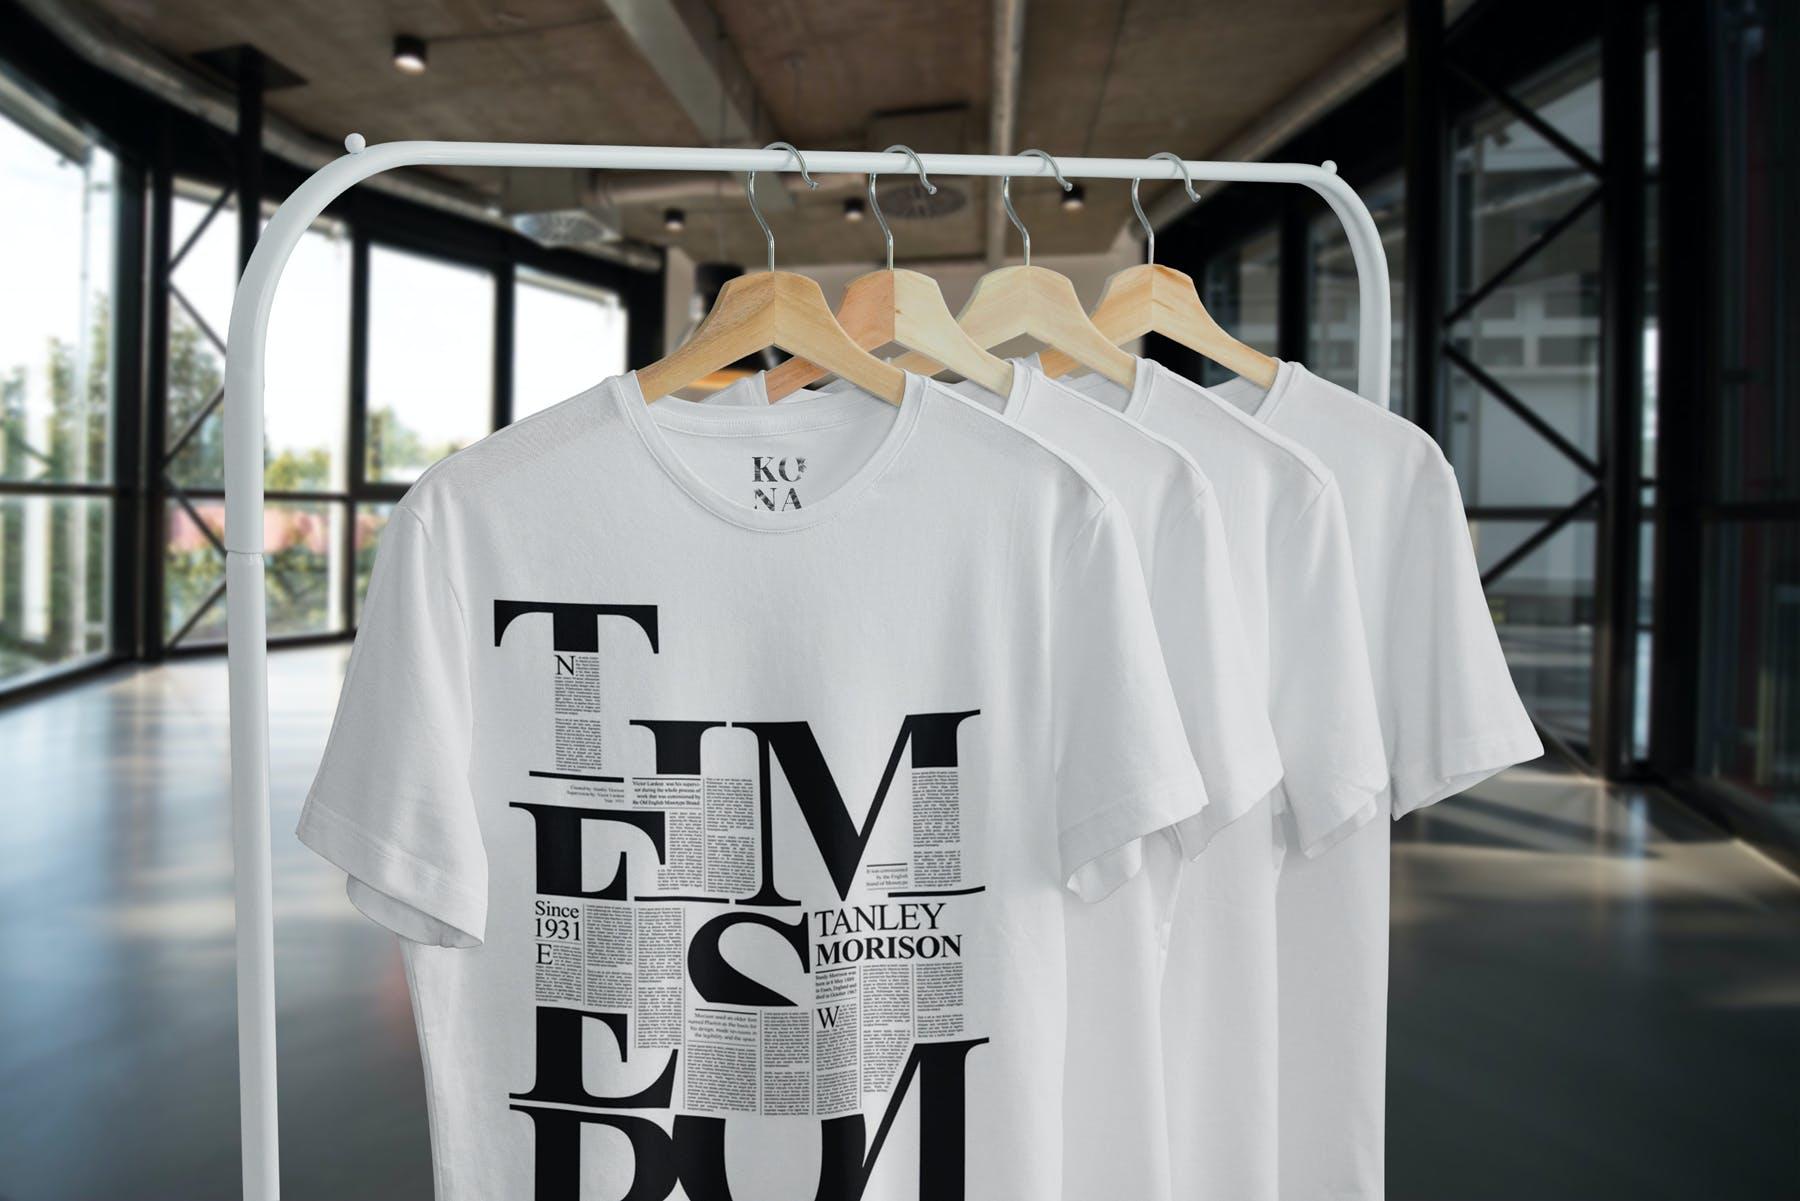 简约衣架T恤样机模型素材下载EG7YRL5插图(3)